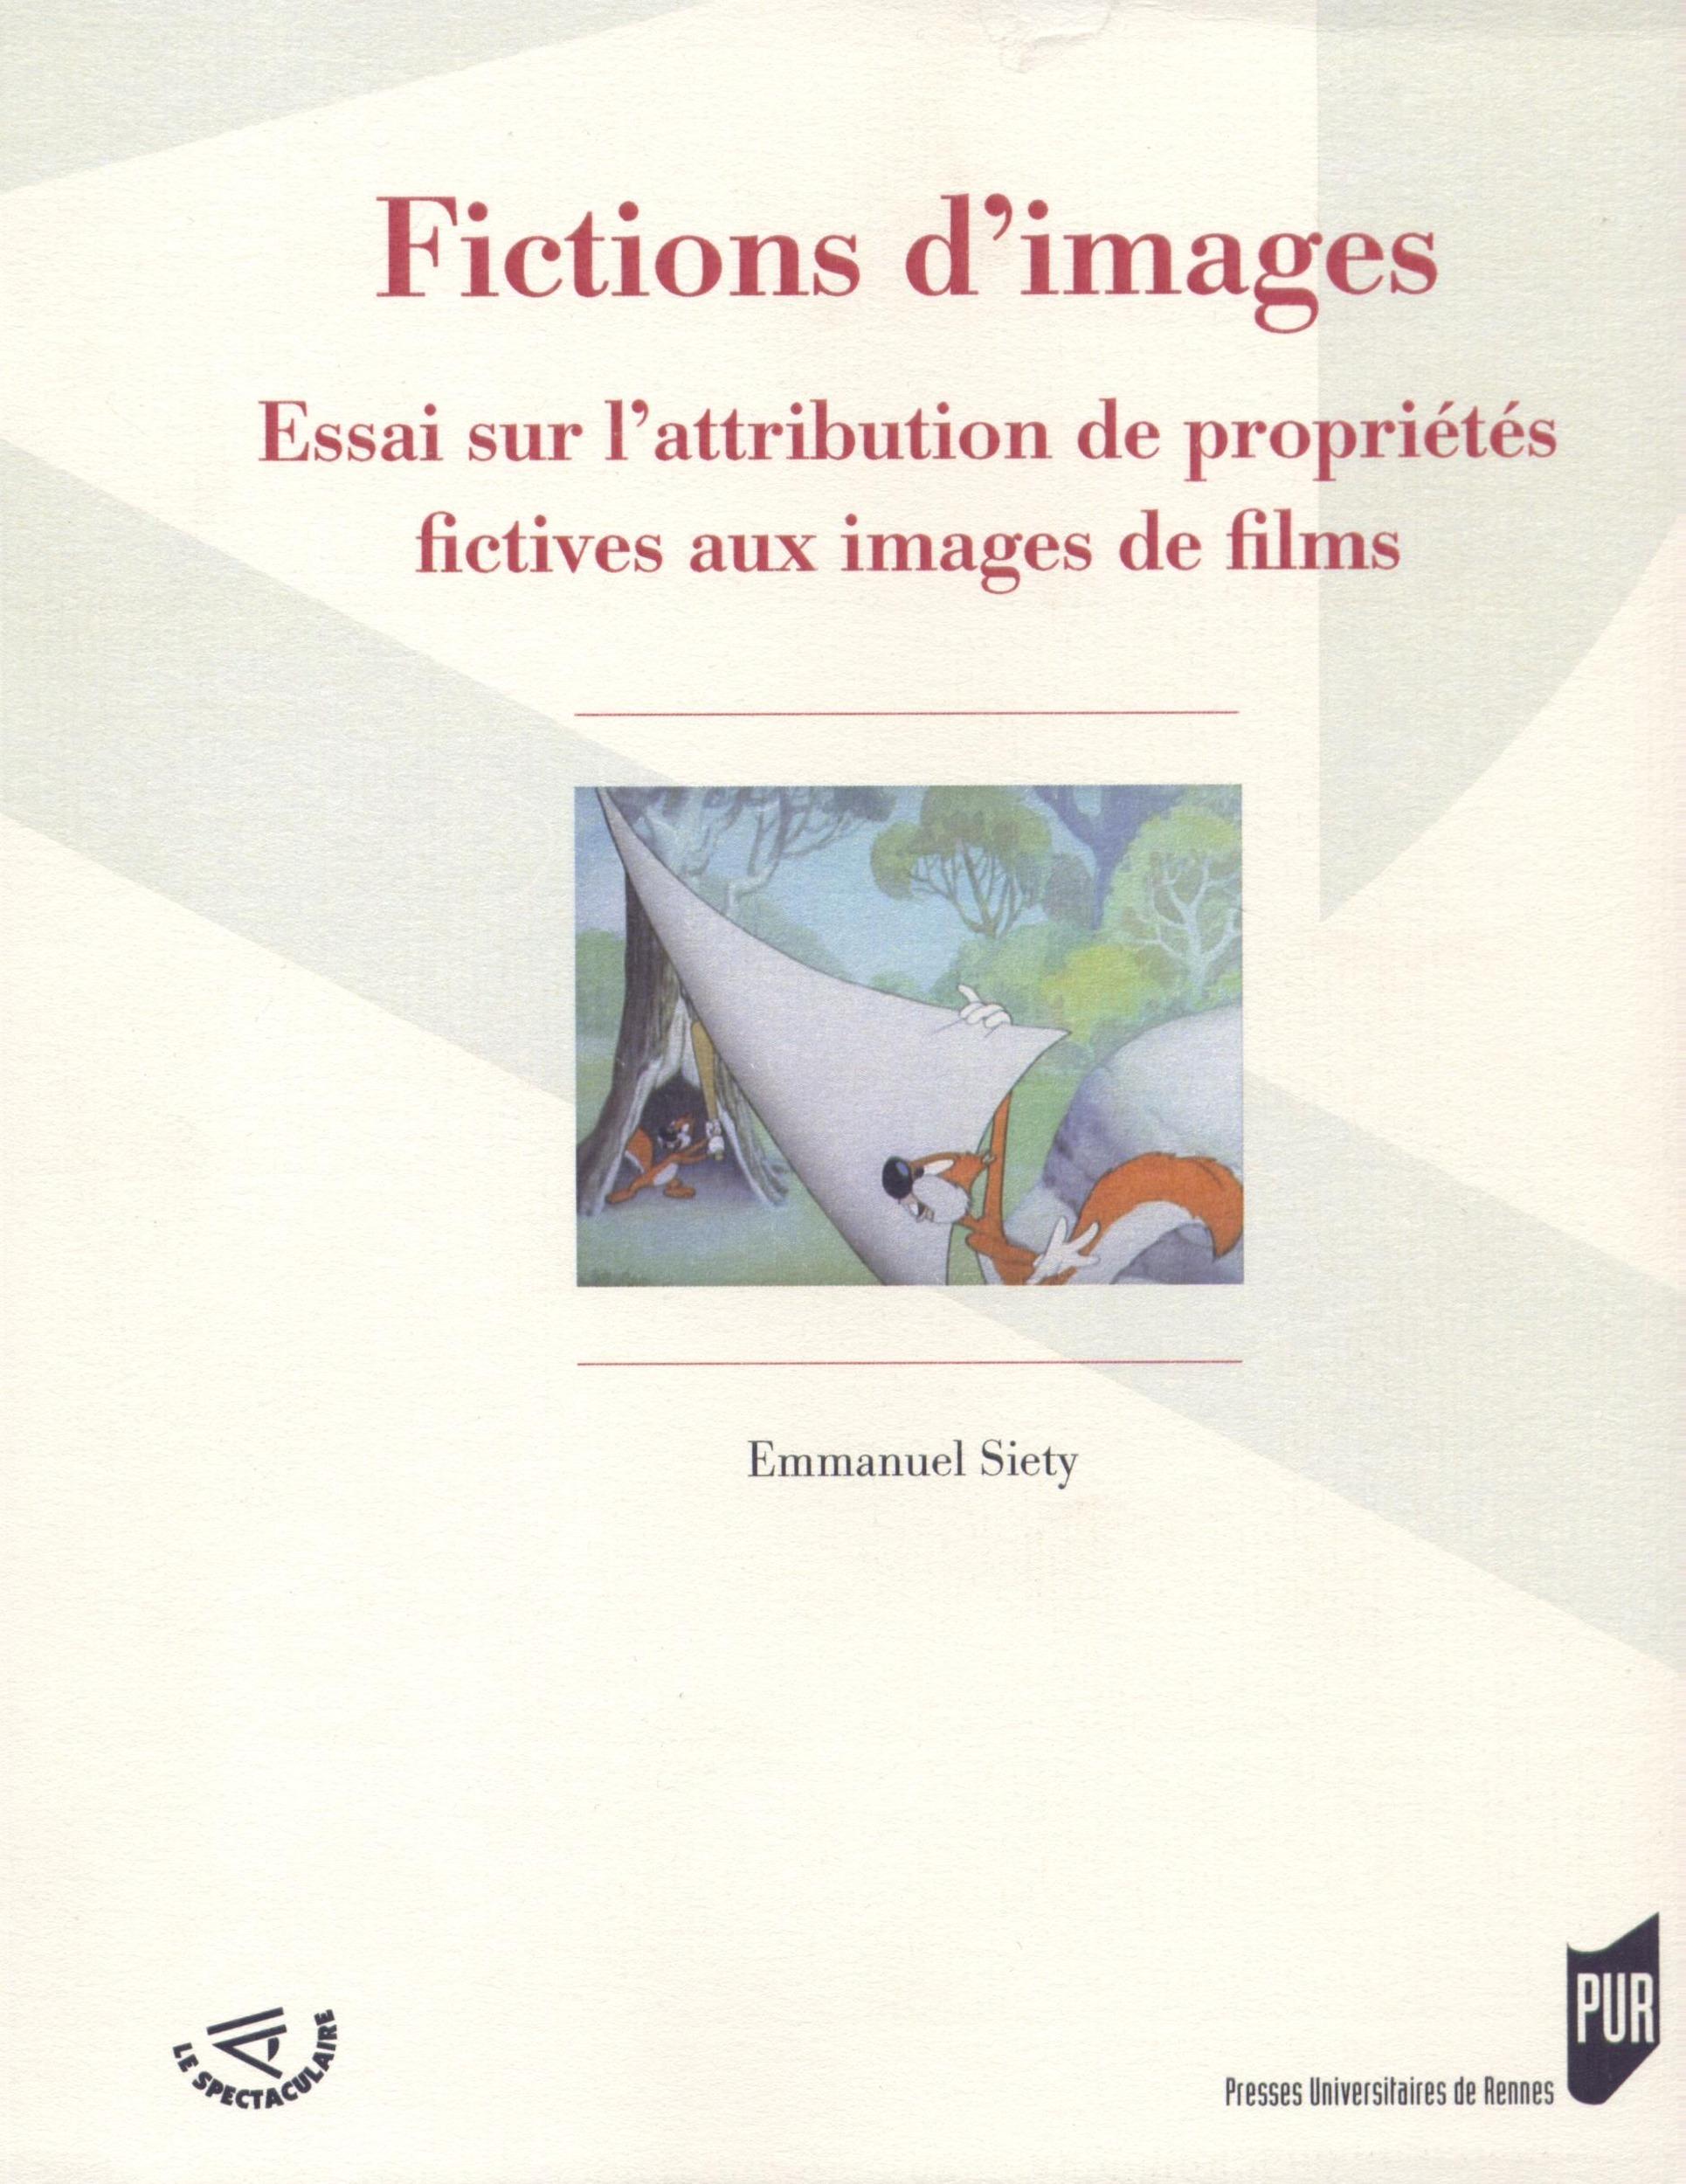 Fictions d'images ; essai sur l'attribution de propriétés fictives aux images de films